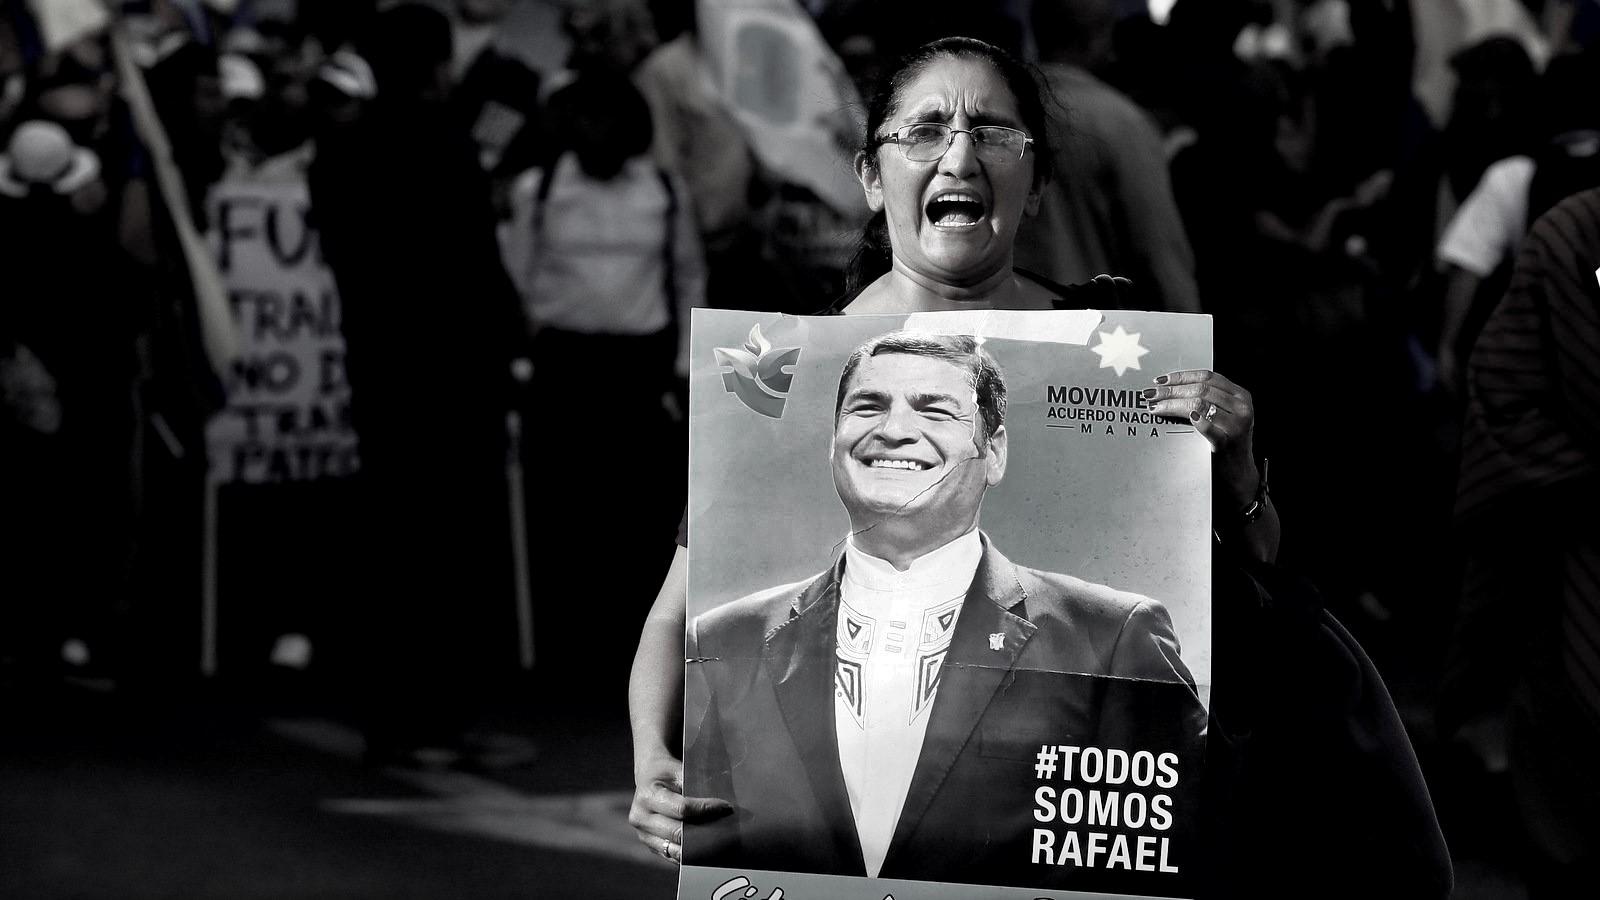 Vídeos reveladores comprovam a inocência de Rafael Correa e a fraude processual contra ele